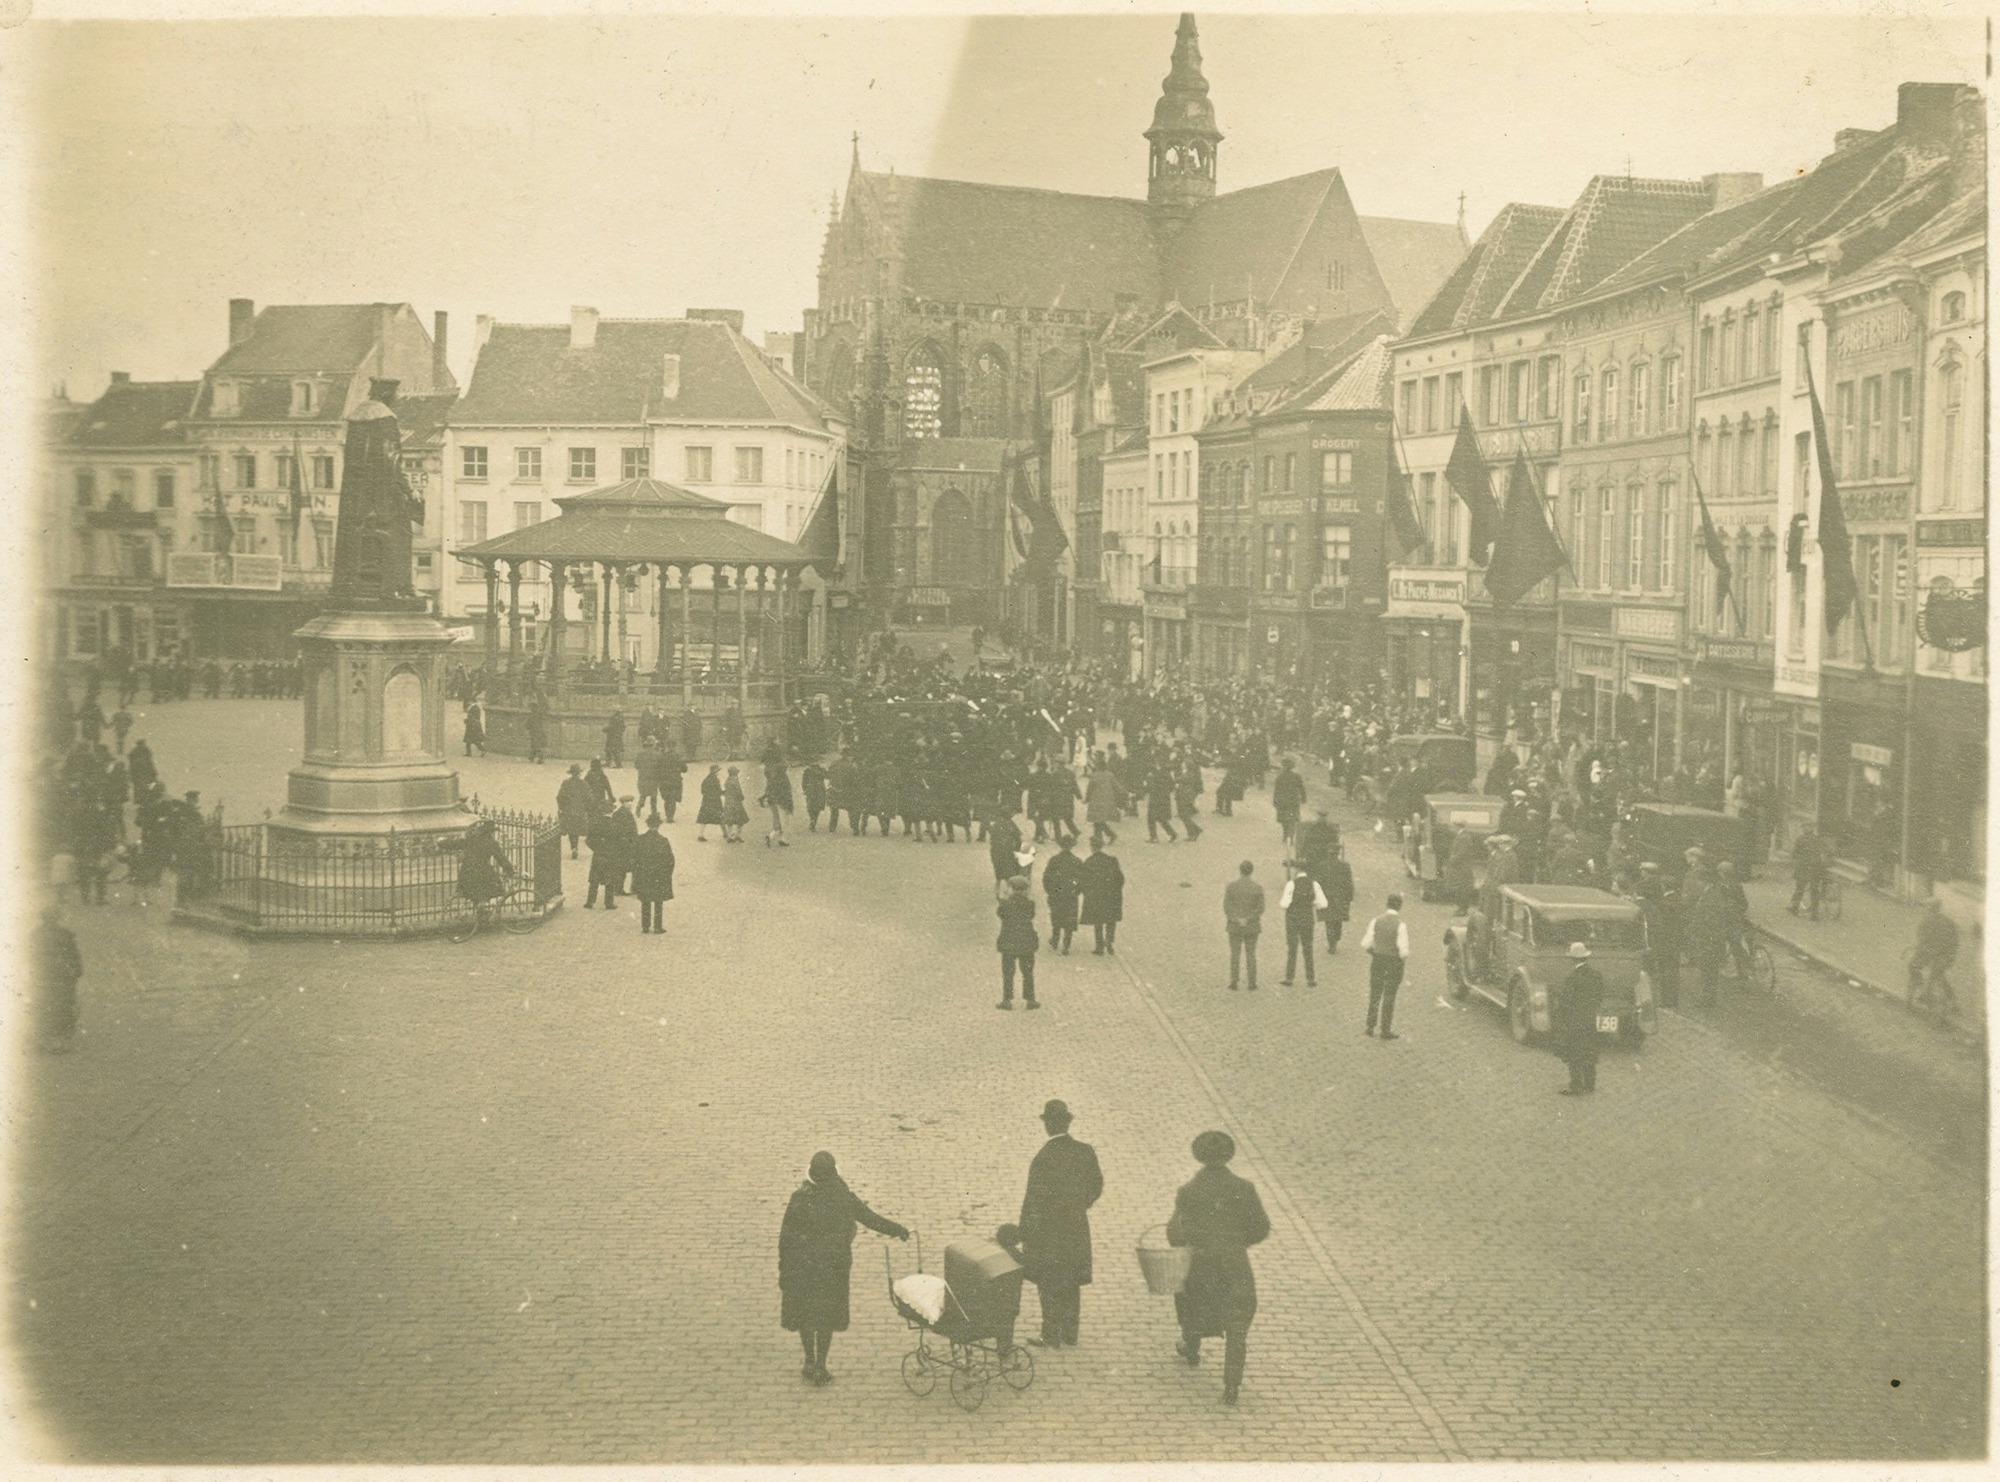 Aalsterse Grote Markt, jaren 1920